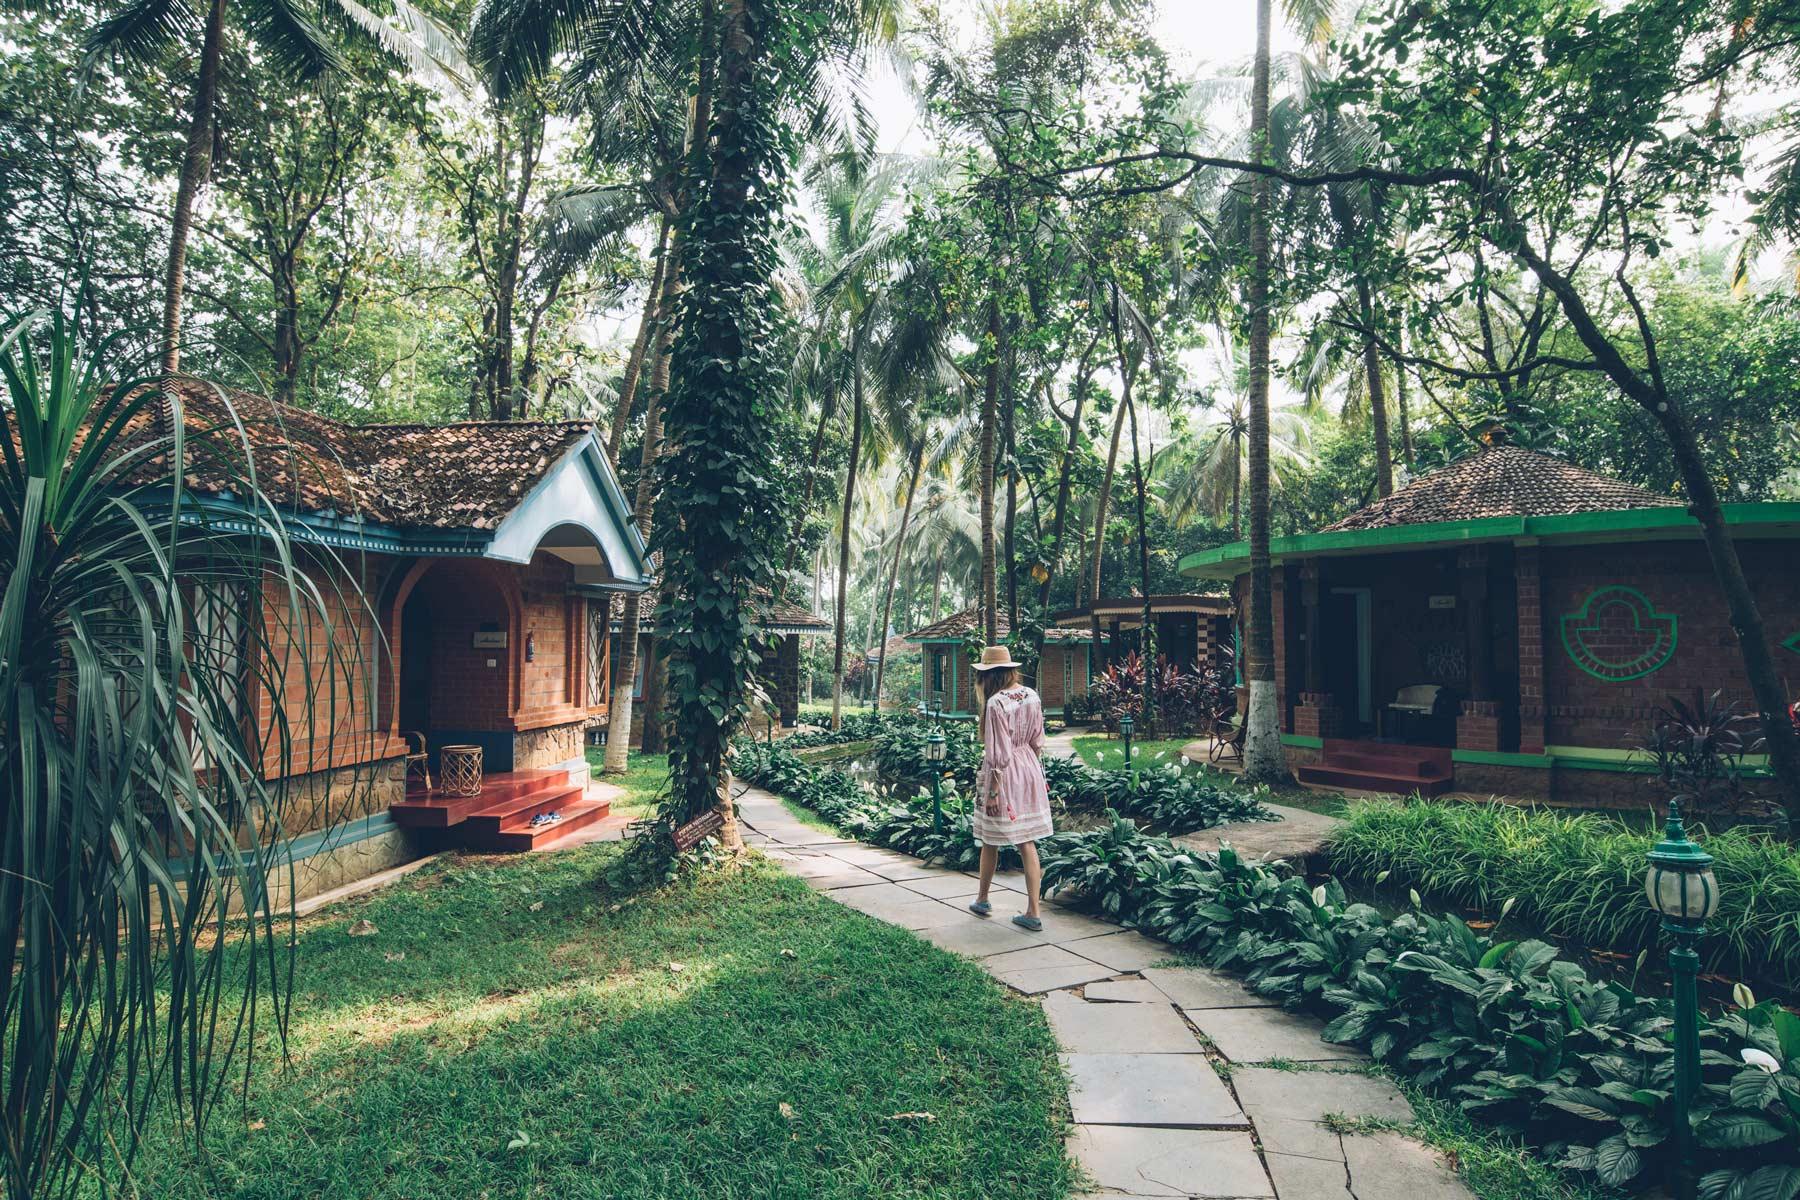 Kairali Village Ayurvedique, Inde